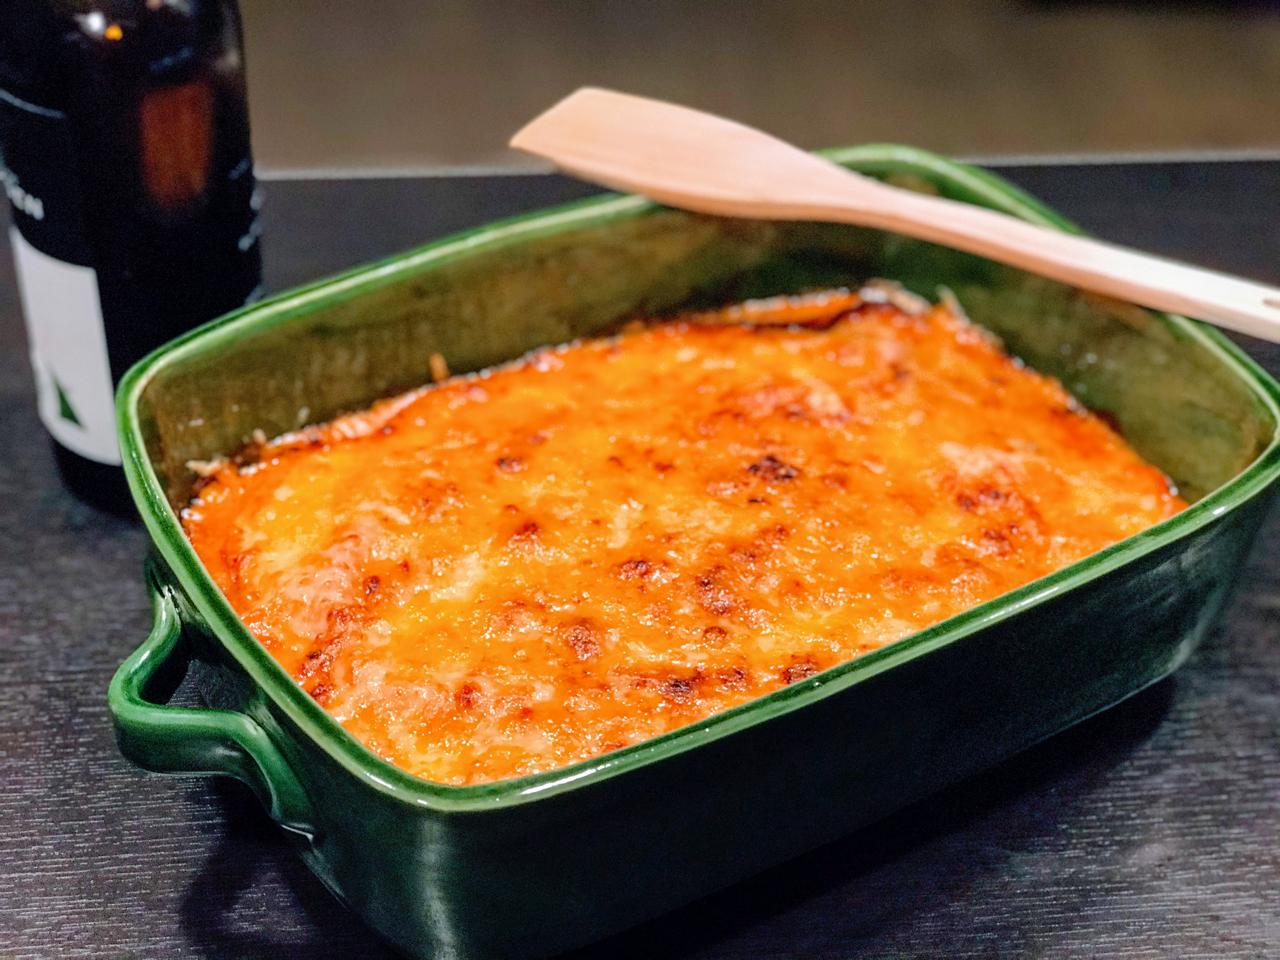 Recette de cuisine : Lasagnes de jambon italien à la truffe, sauce madère